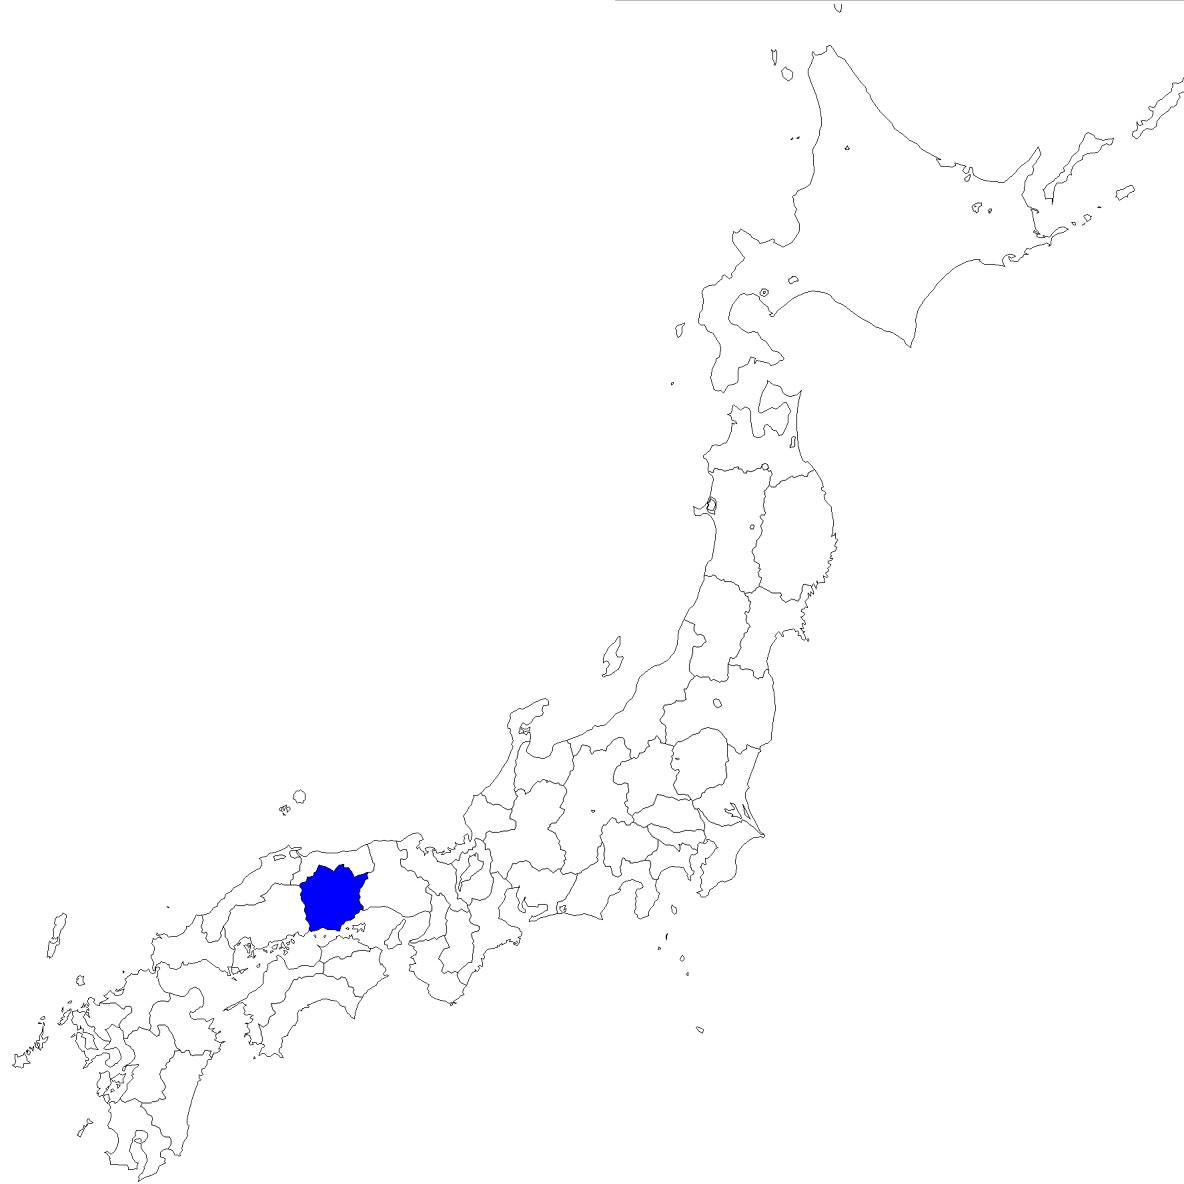 地図イラスト見本(縮小表示) : 中部 白地図 : 白地図